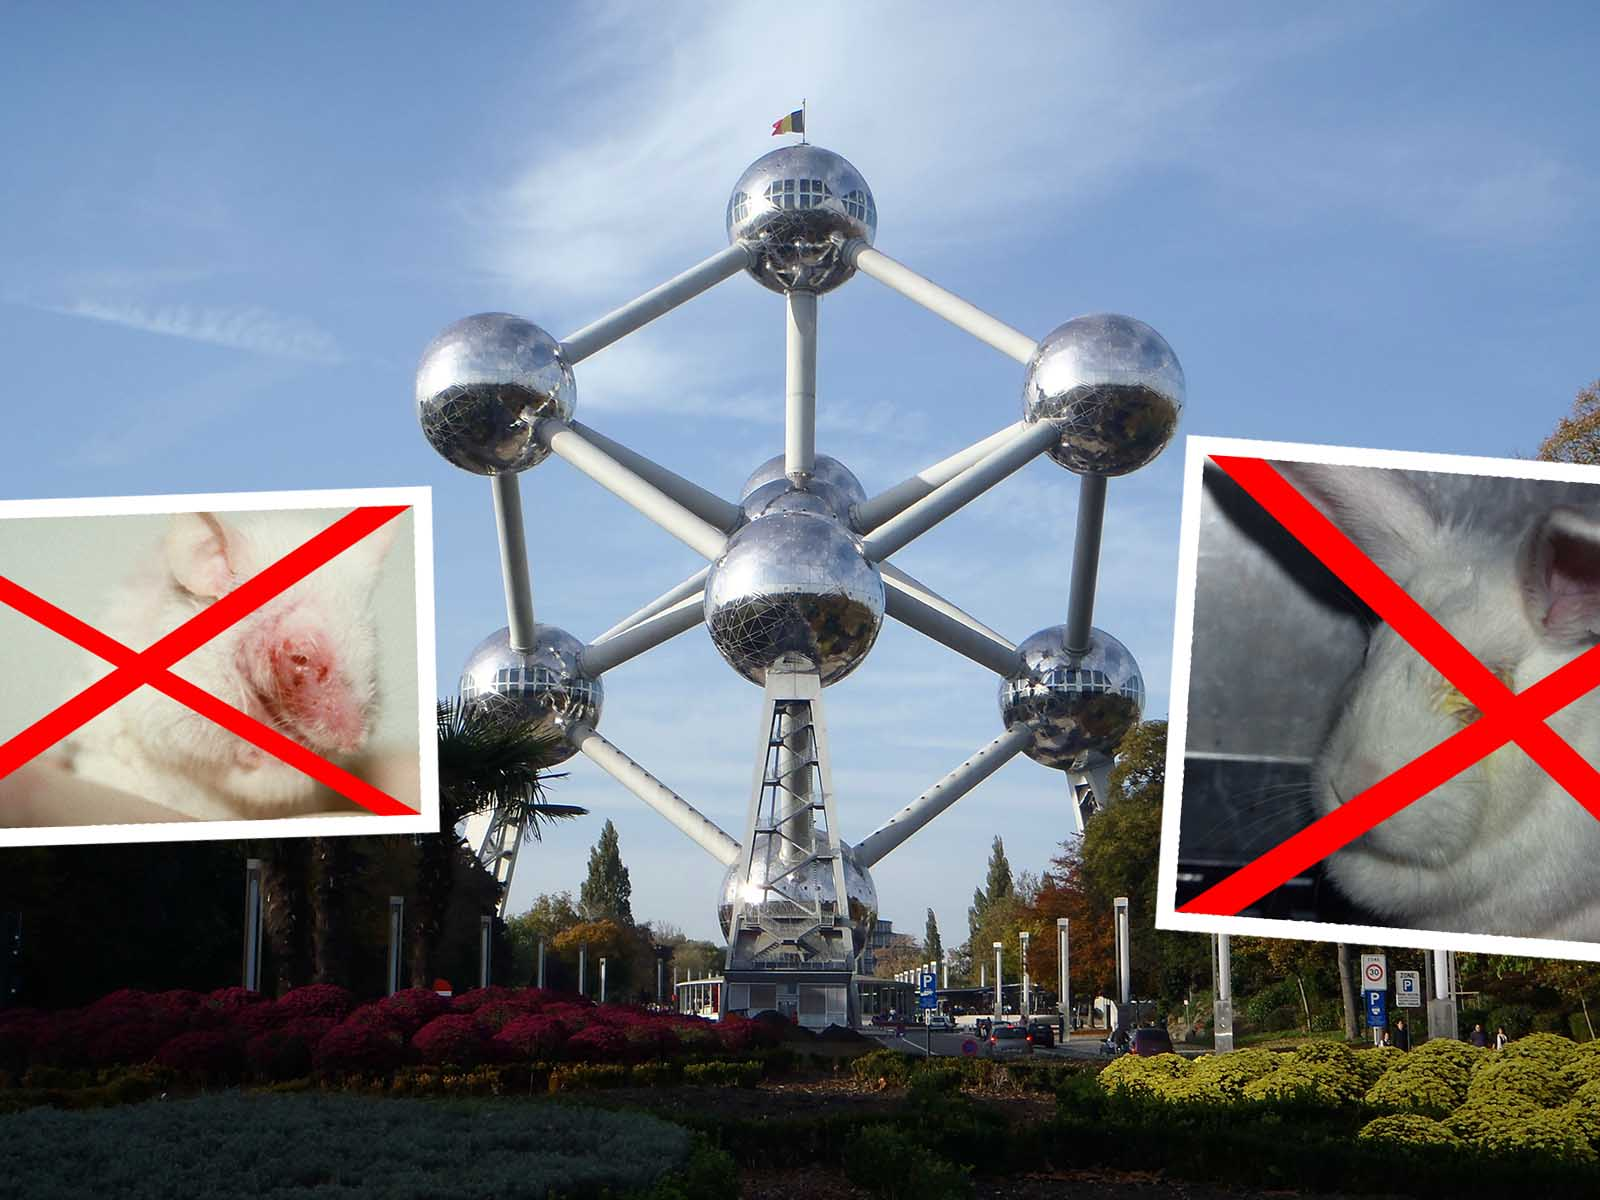 Das Aus für Tierversuche? Region Brüssel plant Gesetzesänderung